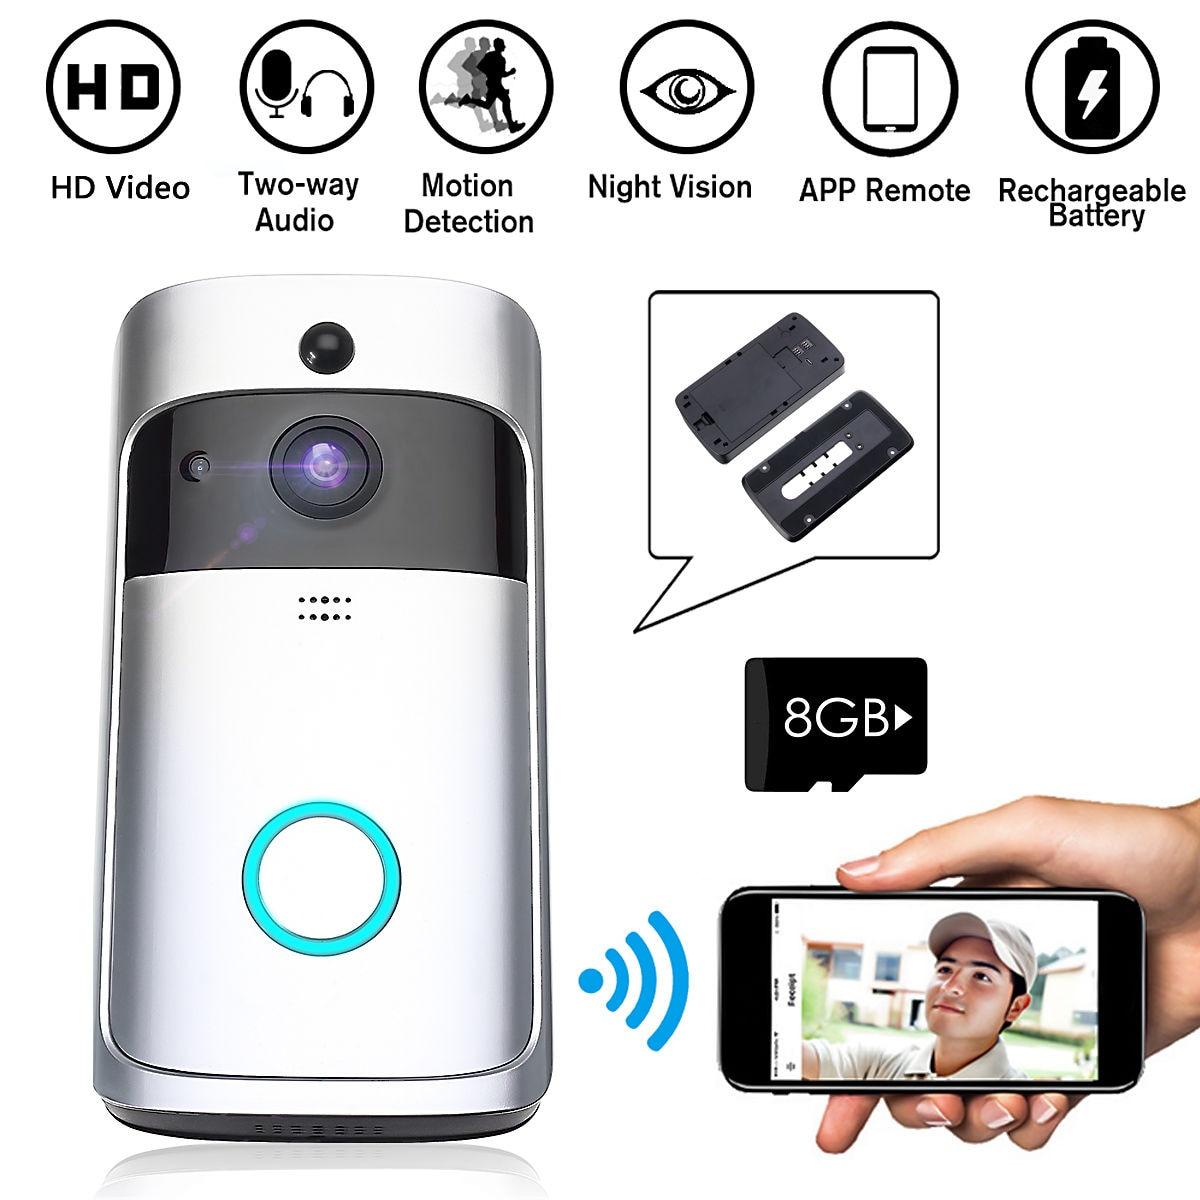 Sans fil WiFi vidéo sonnette caméra IP anneau porte cloche bidirectionnelle Audio APP contrôle iOS Android alimenté par batterie